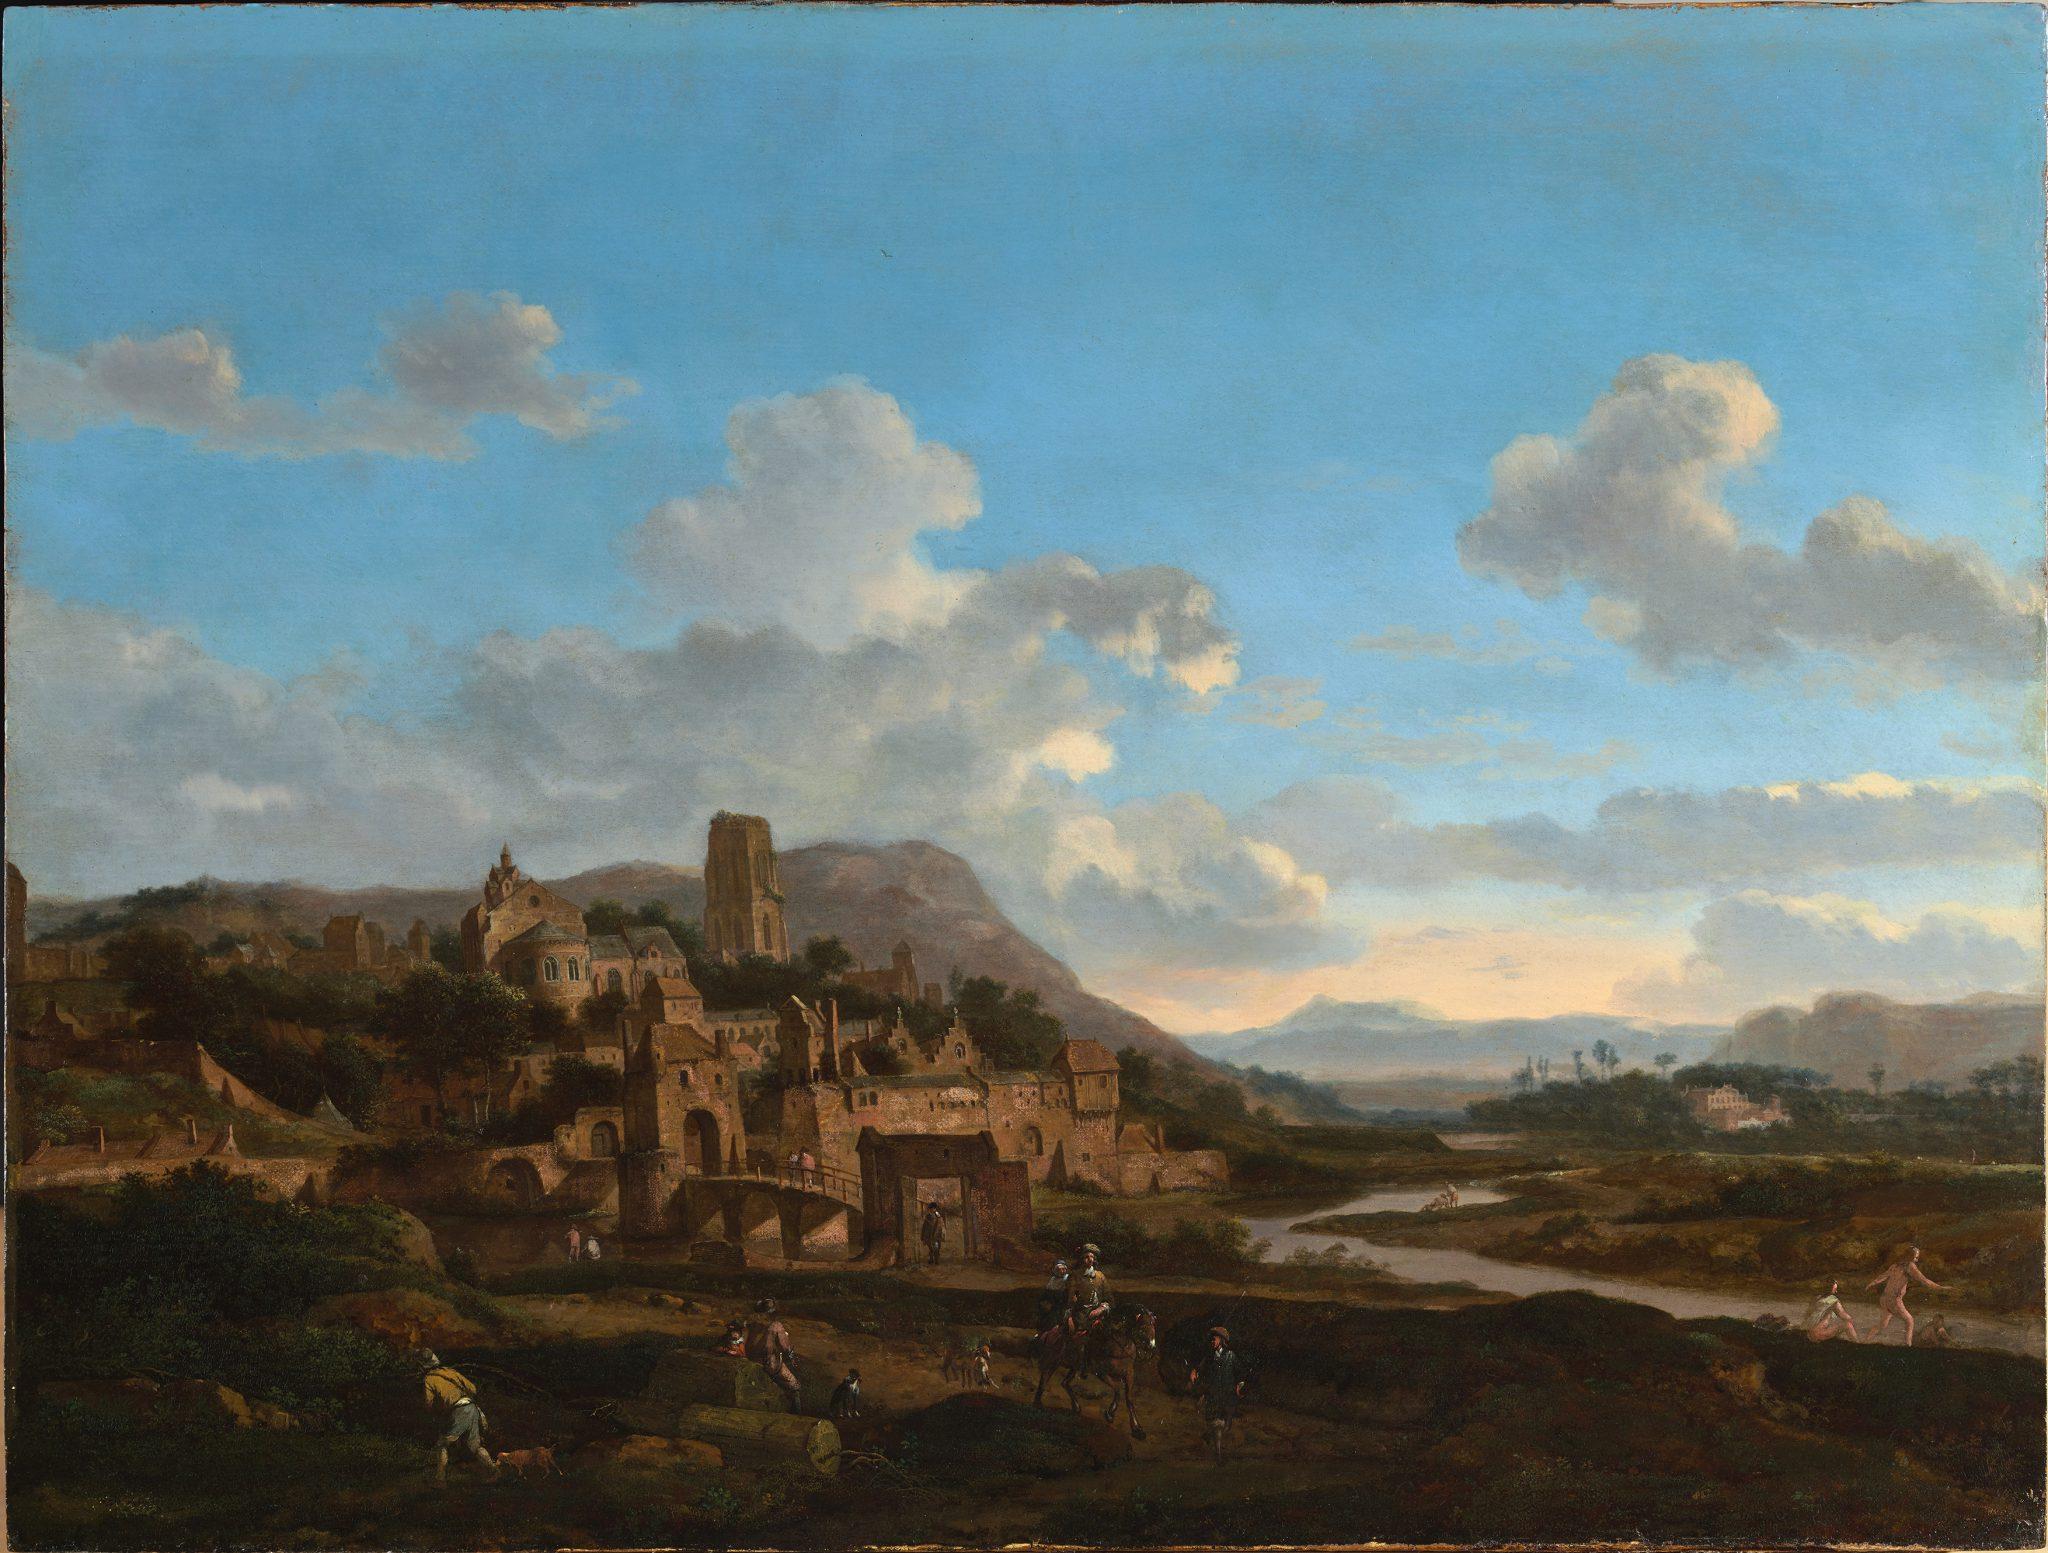 A hilltop town beside a river